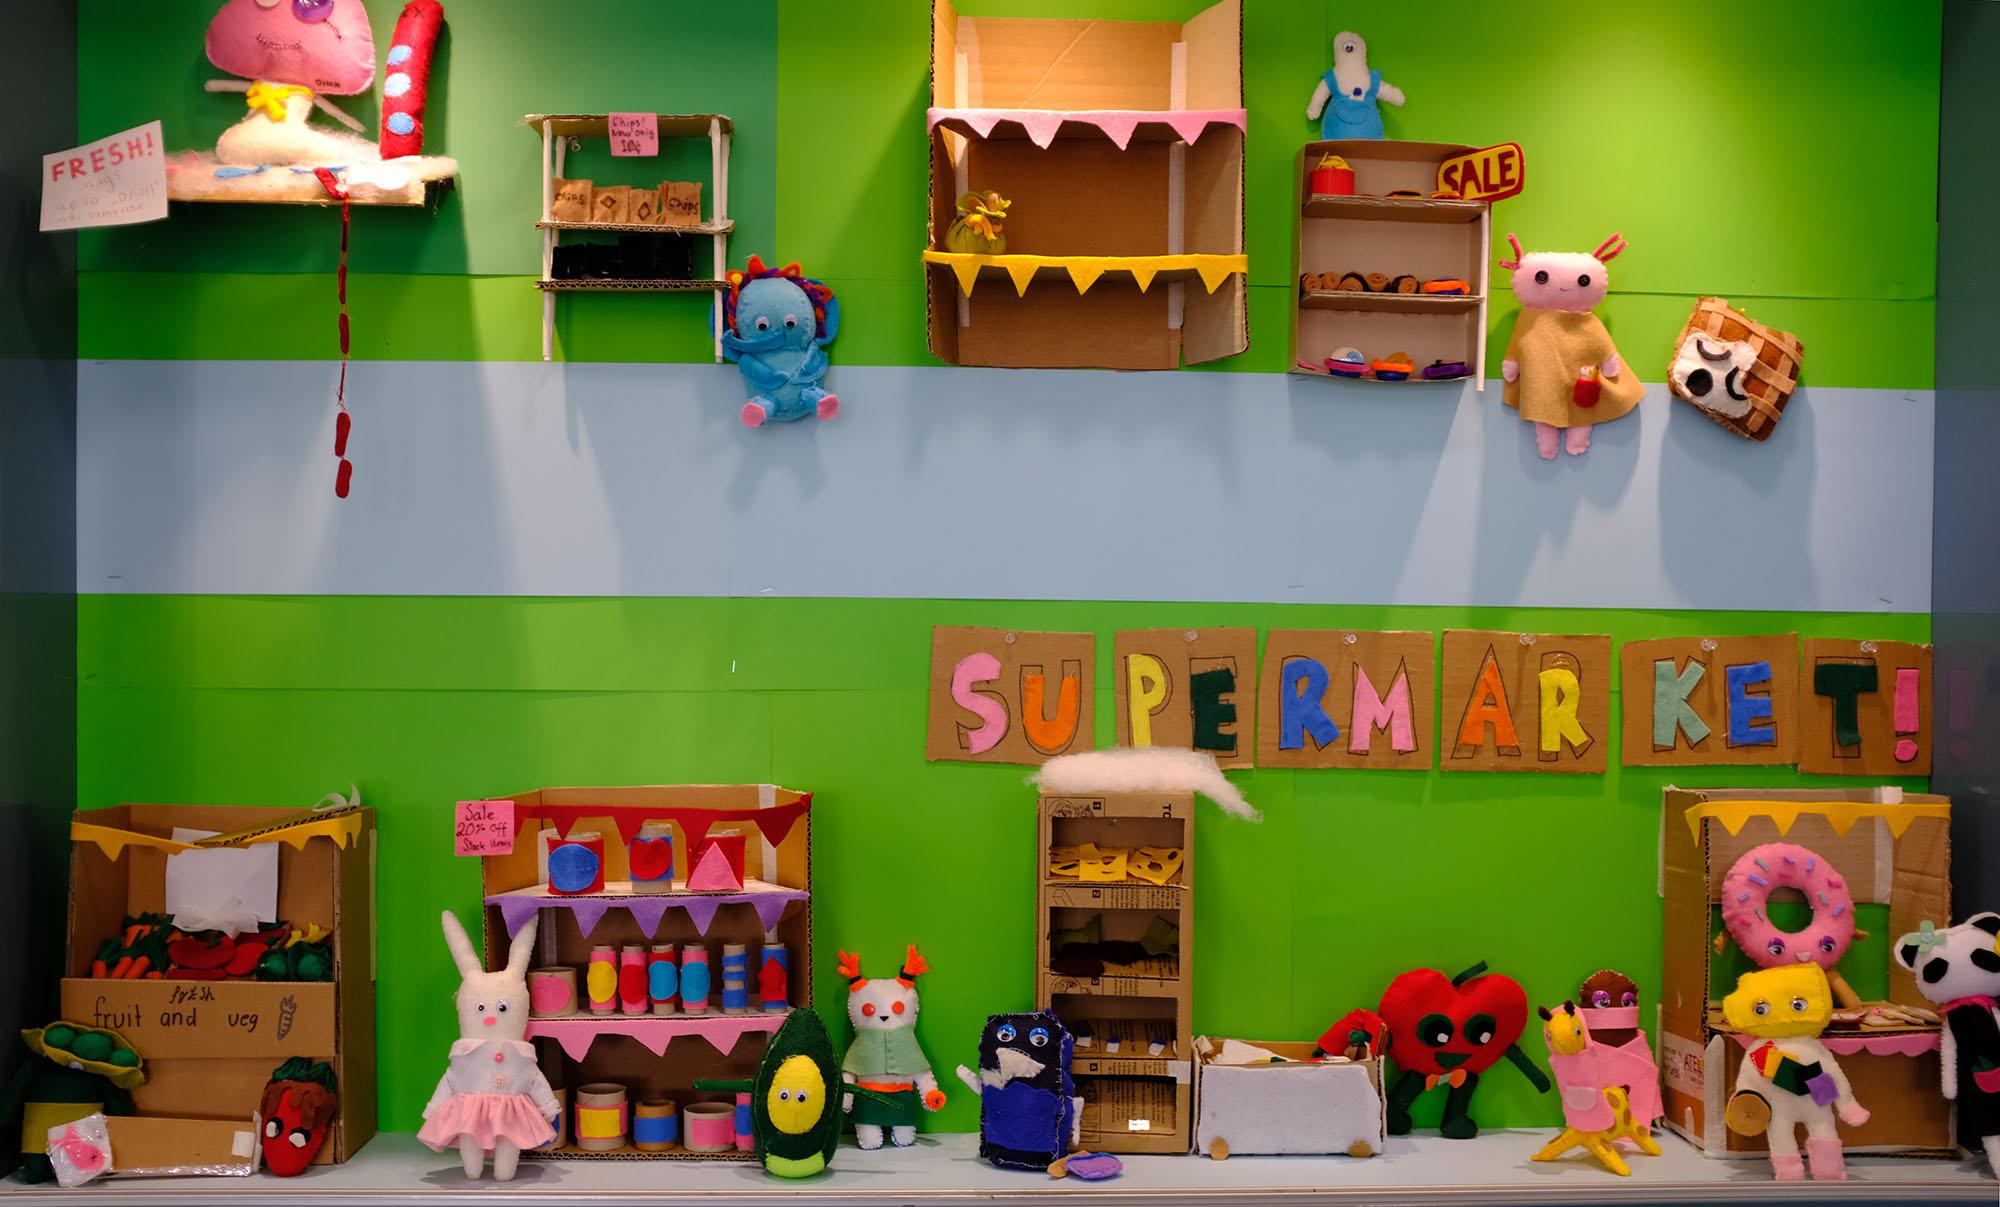 Supermarket_full.jpg